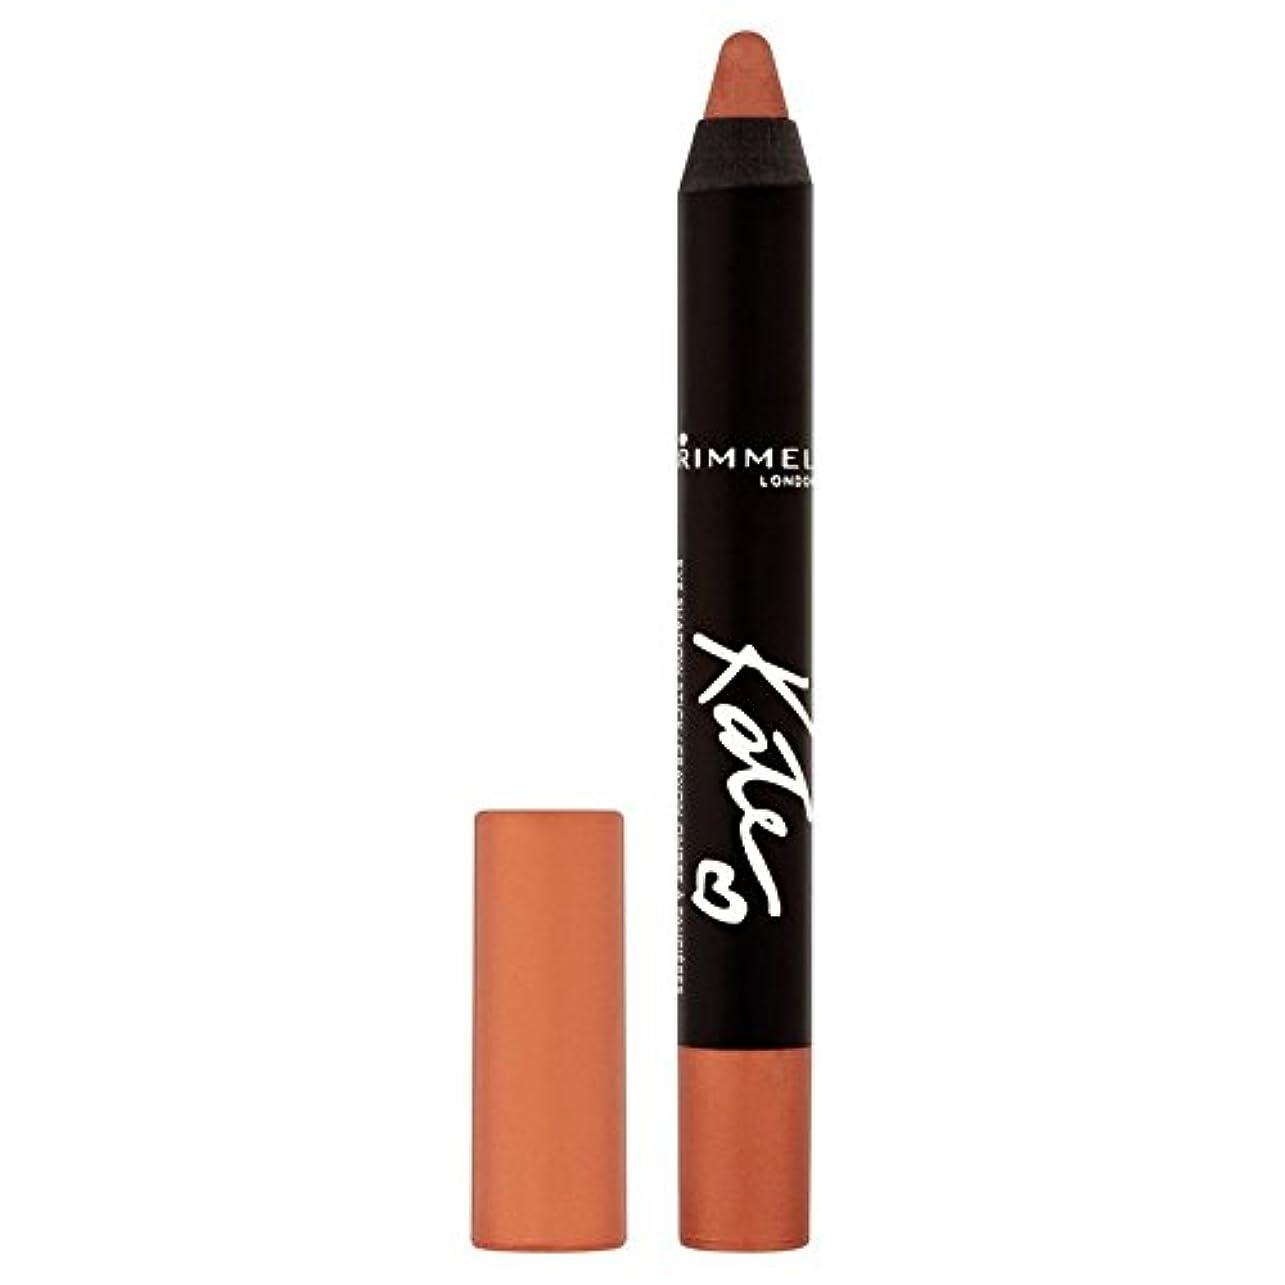 革命的検査官Rimmel Scandaleyes Kate Edition Shadow Stick, Rose Gold 3g (Pack of 6) - リンメルケイト版シャドウスティック、金3グラムローズ x6 [並行輸入品]